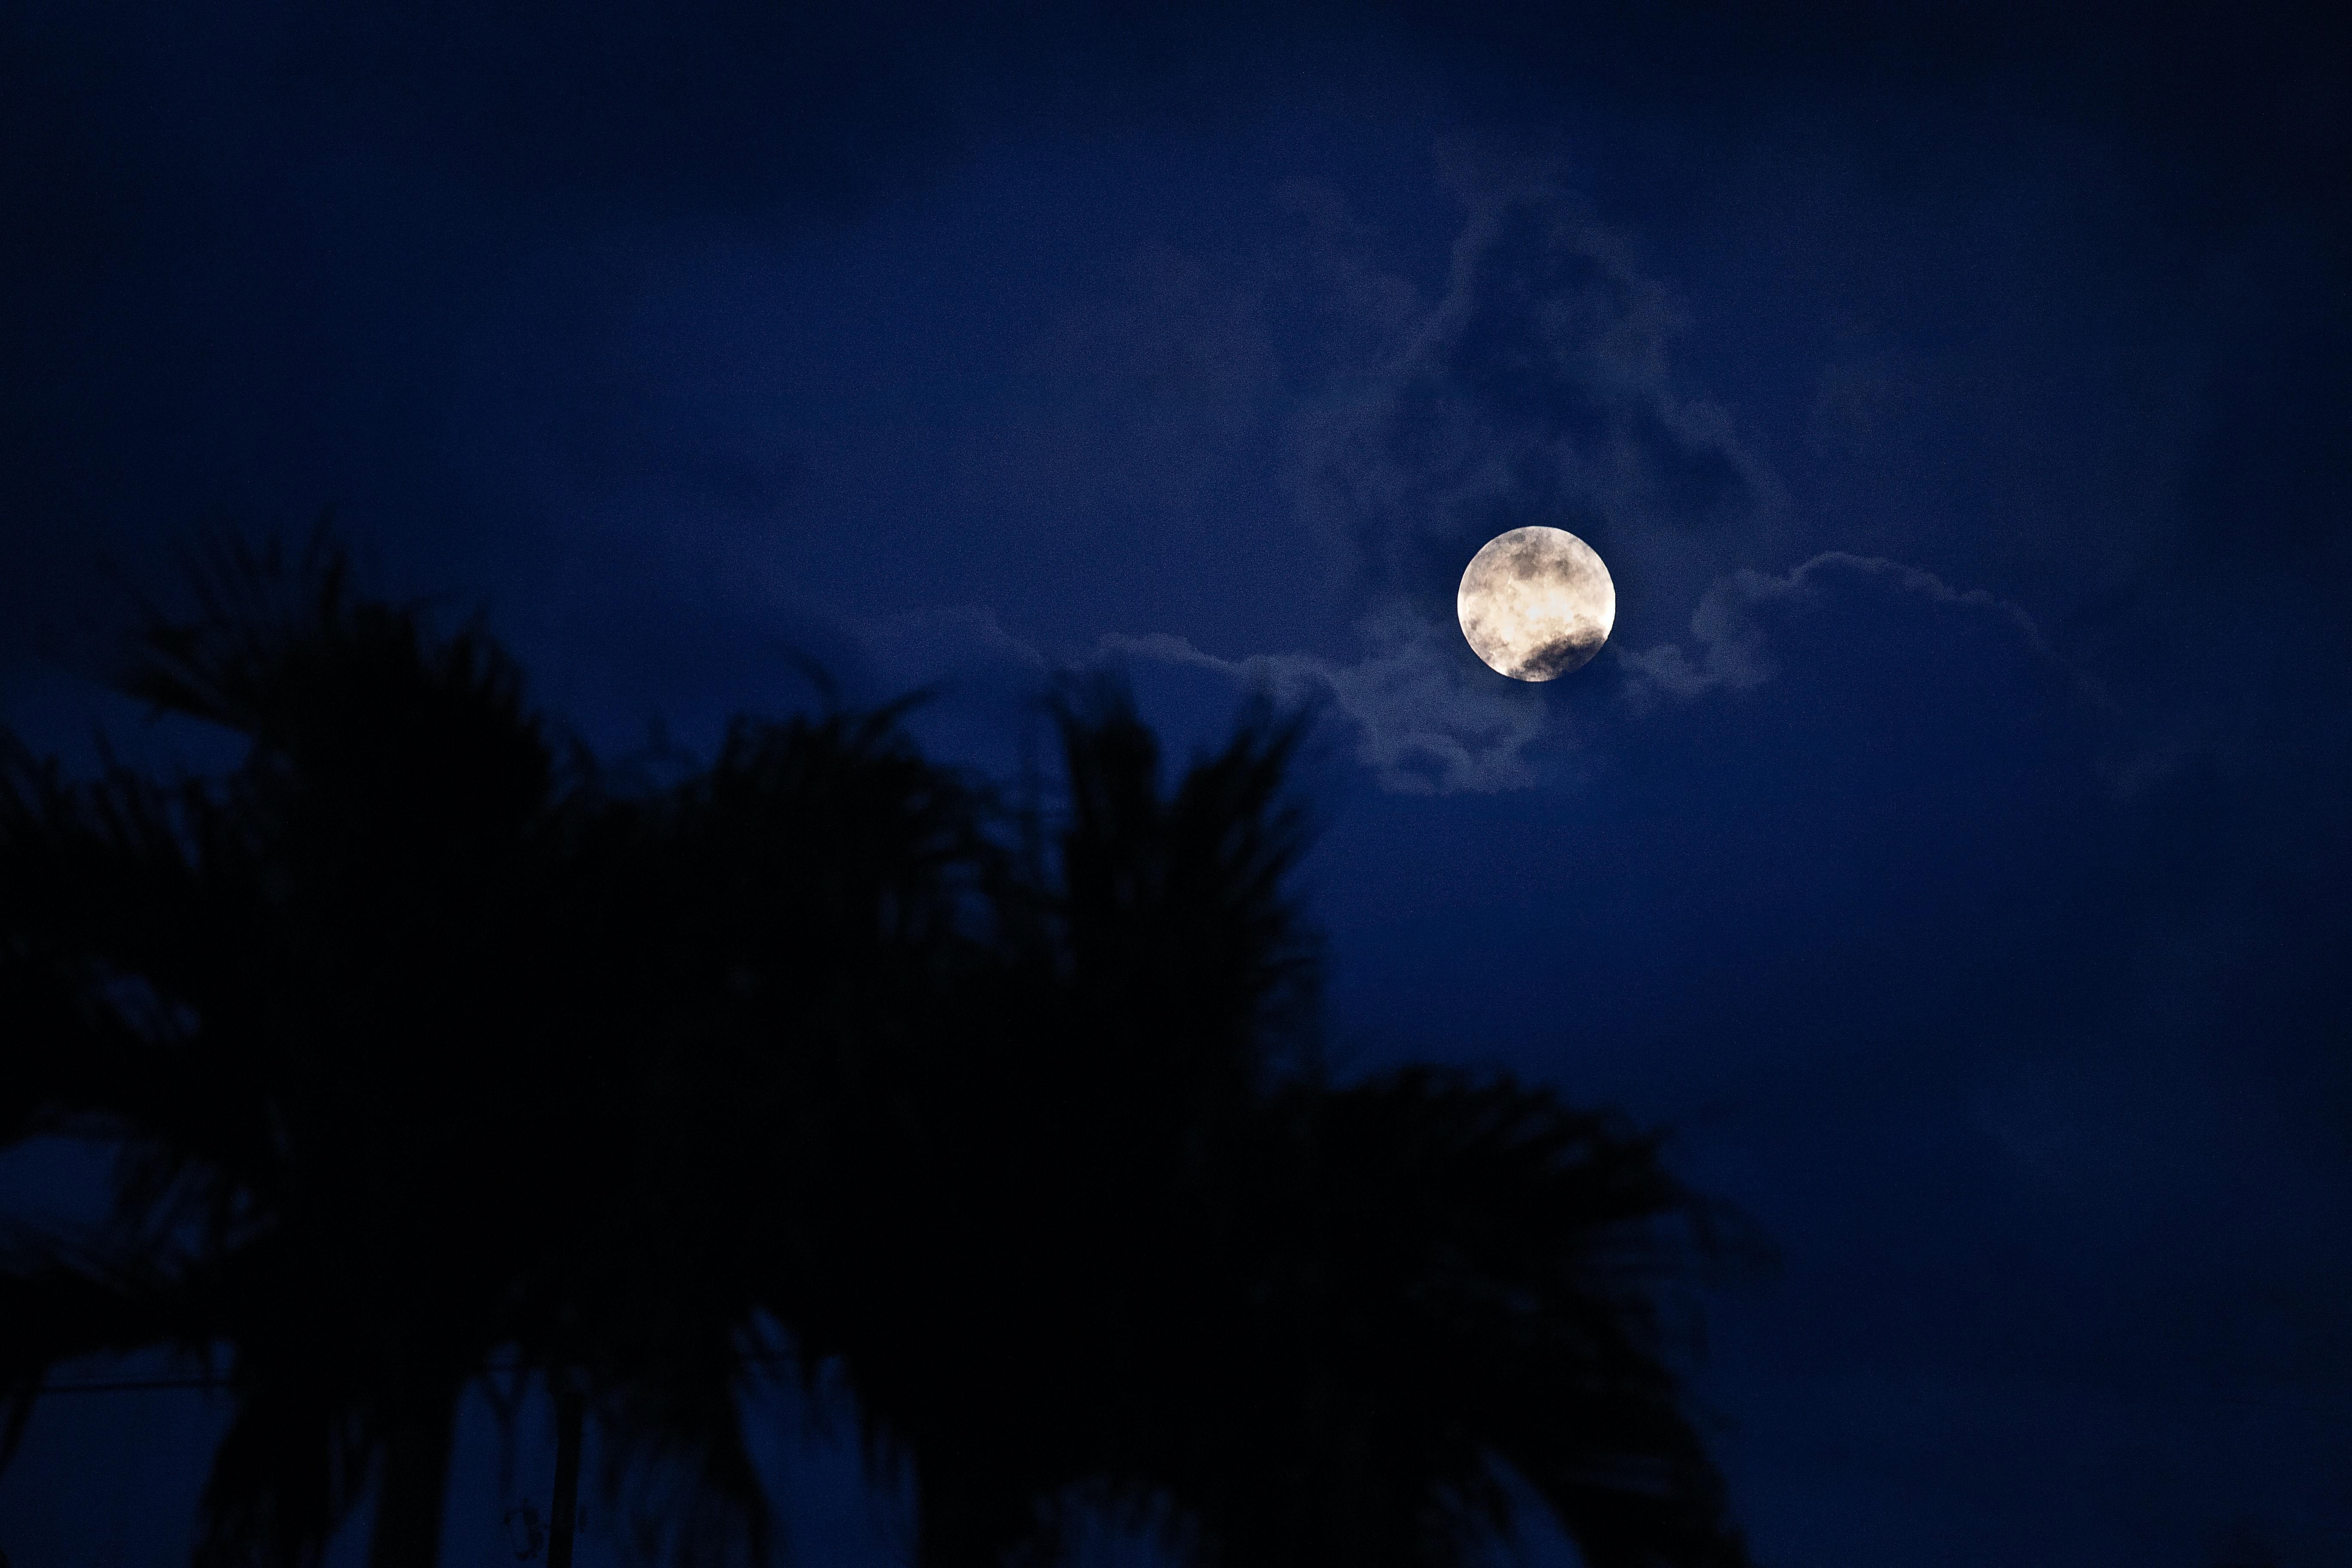 130248 скачать обои Луна, Ночь, Темные, Пальма - заставки и картинки бесплатно